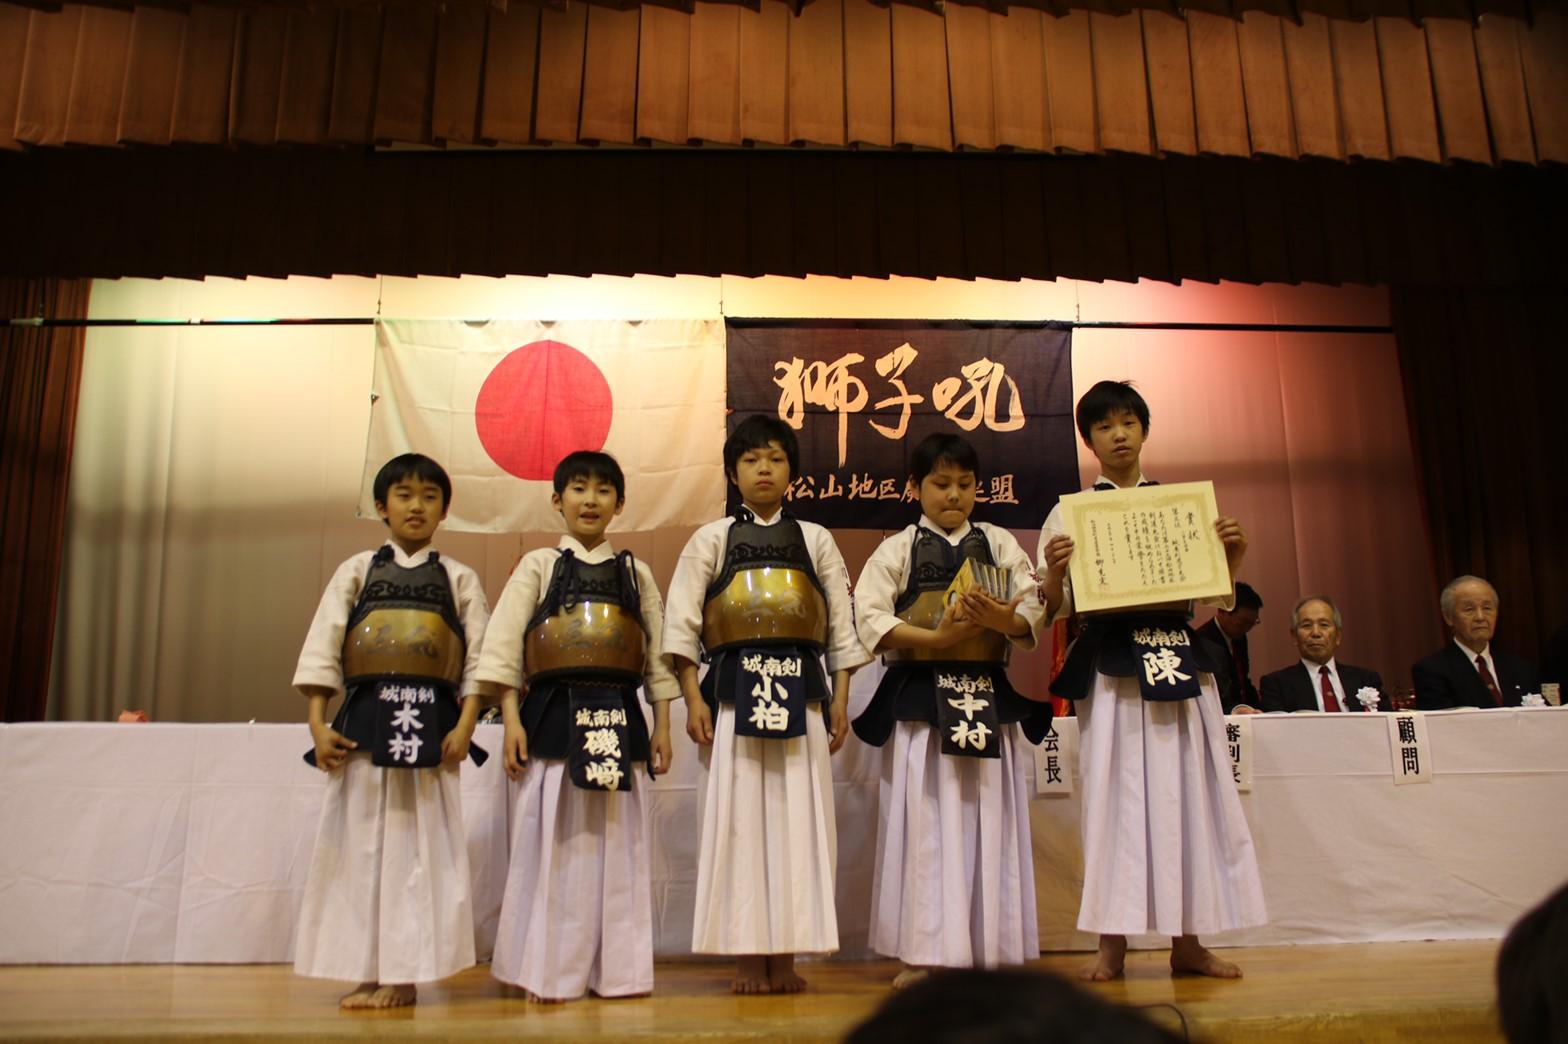 第69回松山地区剣道大会2